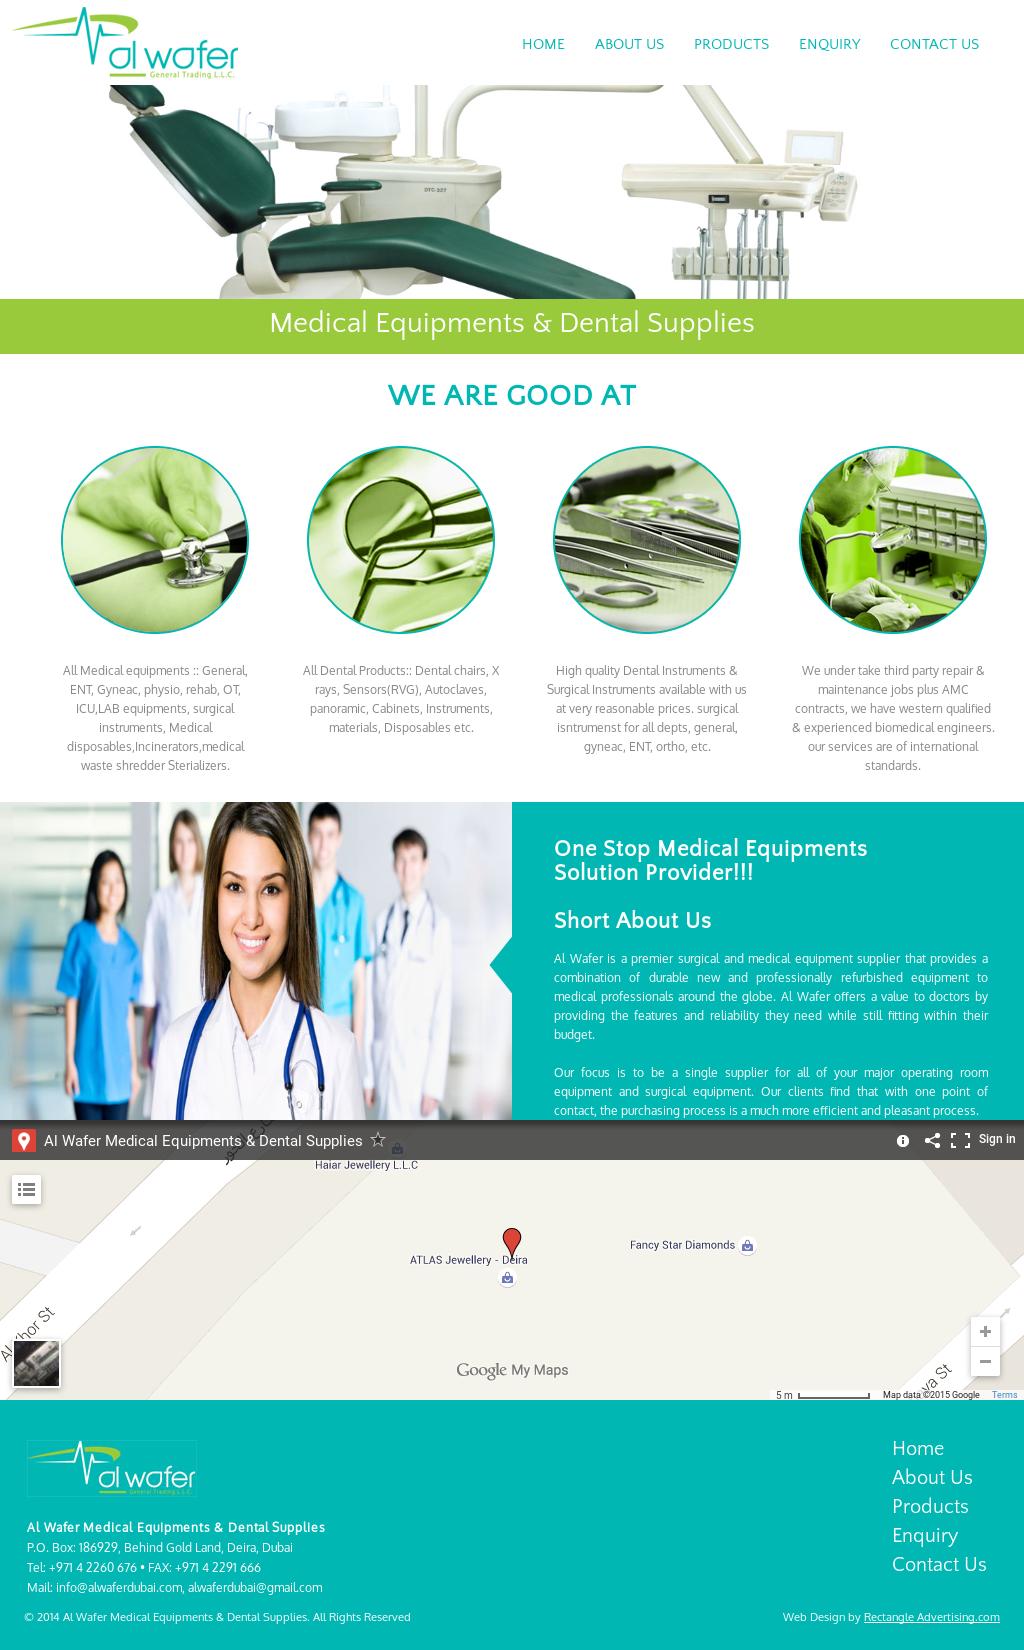 Al Wafer Medical Equipments & Dental Supplies Competitors